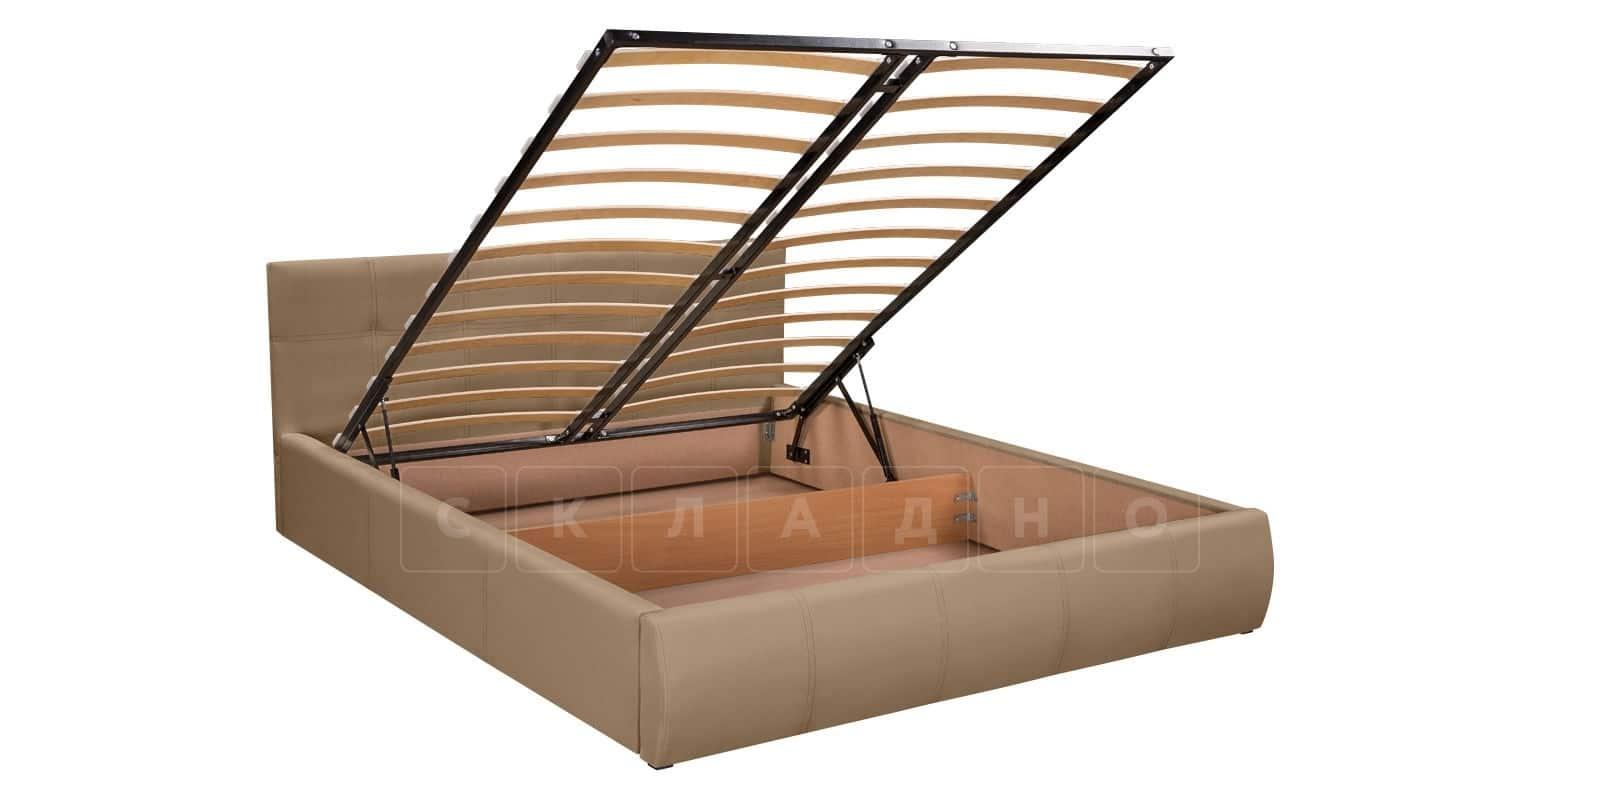 Мягкая кровать Афина 160см экокожа темно-бежевого цвета фото 6 | интернет-магазин Складно